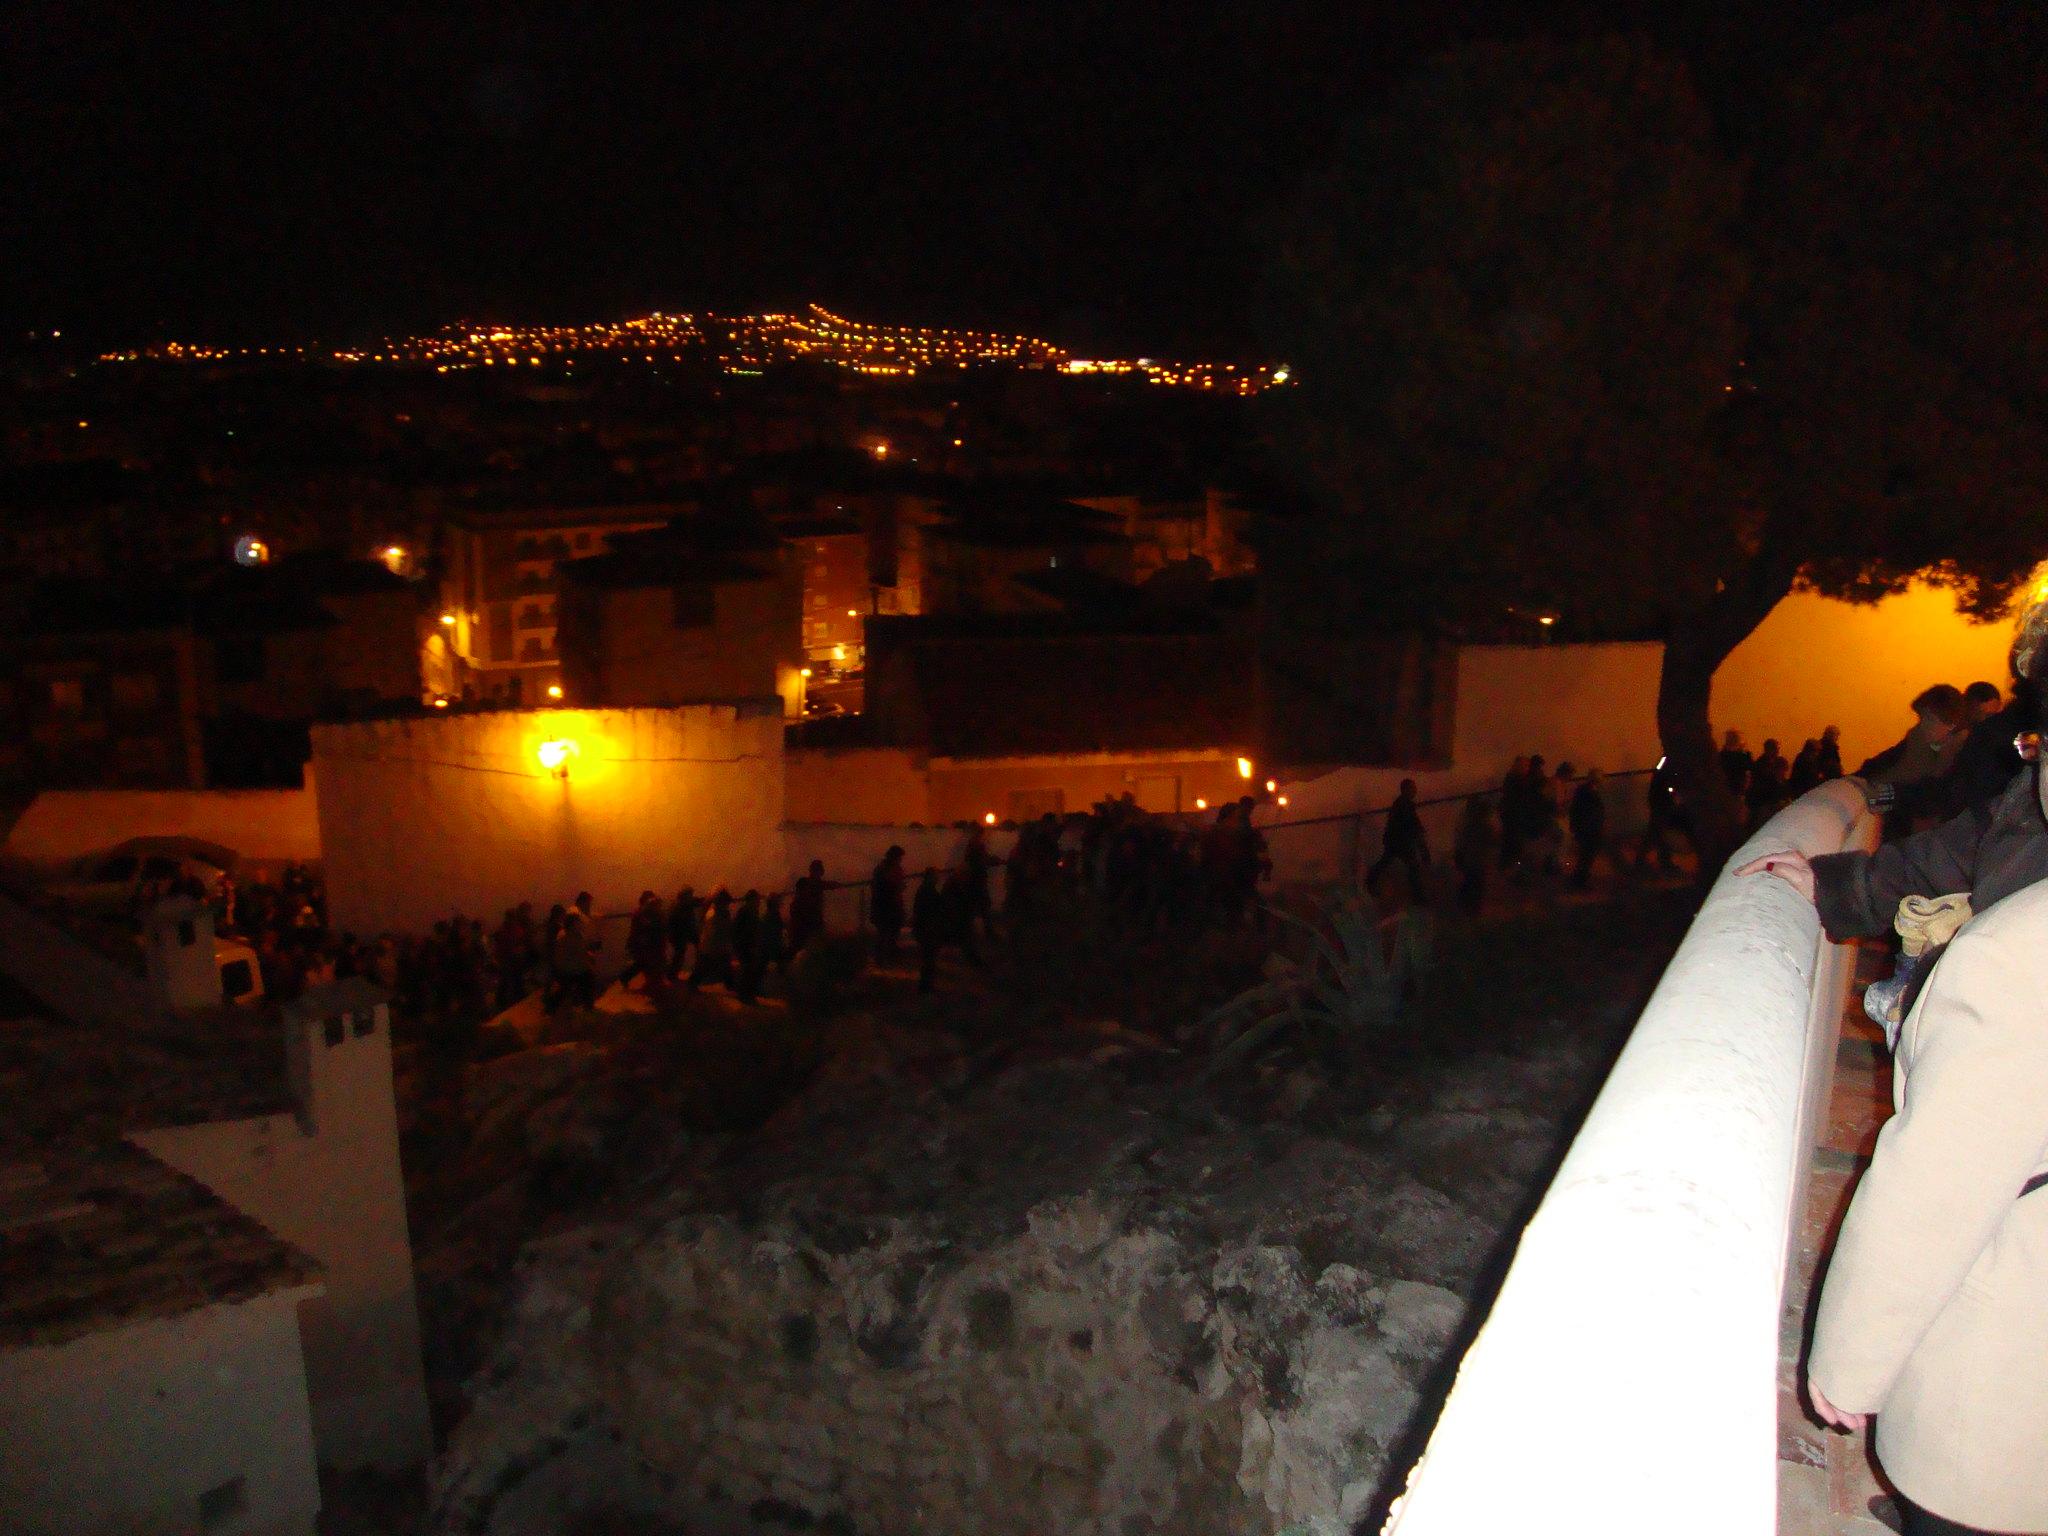 (2011-04-15) - II Vía Crucis nocturno - Javier Montesinos Villaplana -  (15)